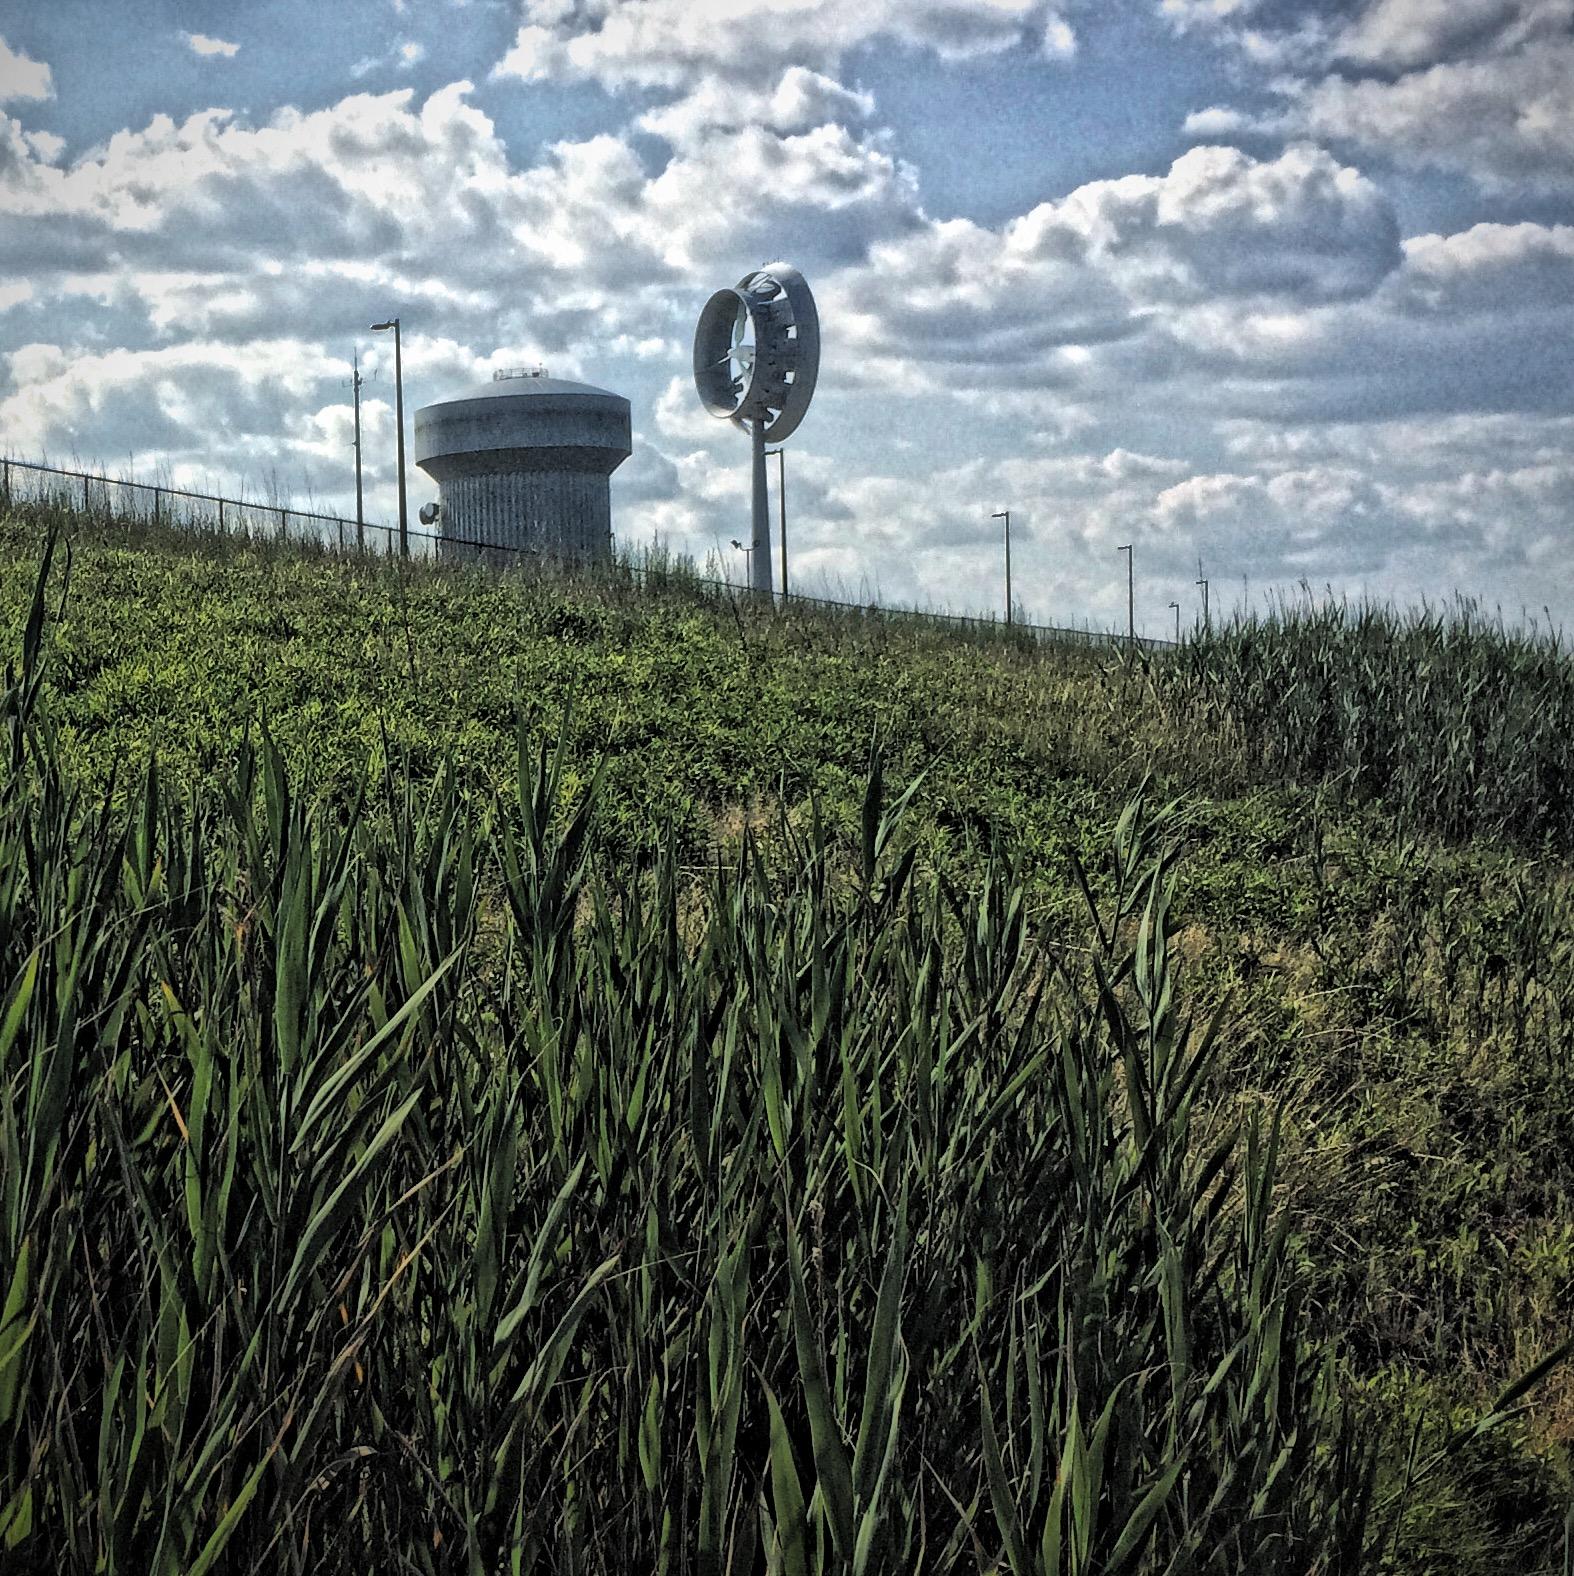 Turbine on Deer Island